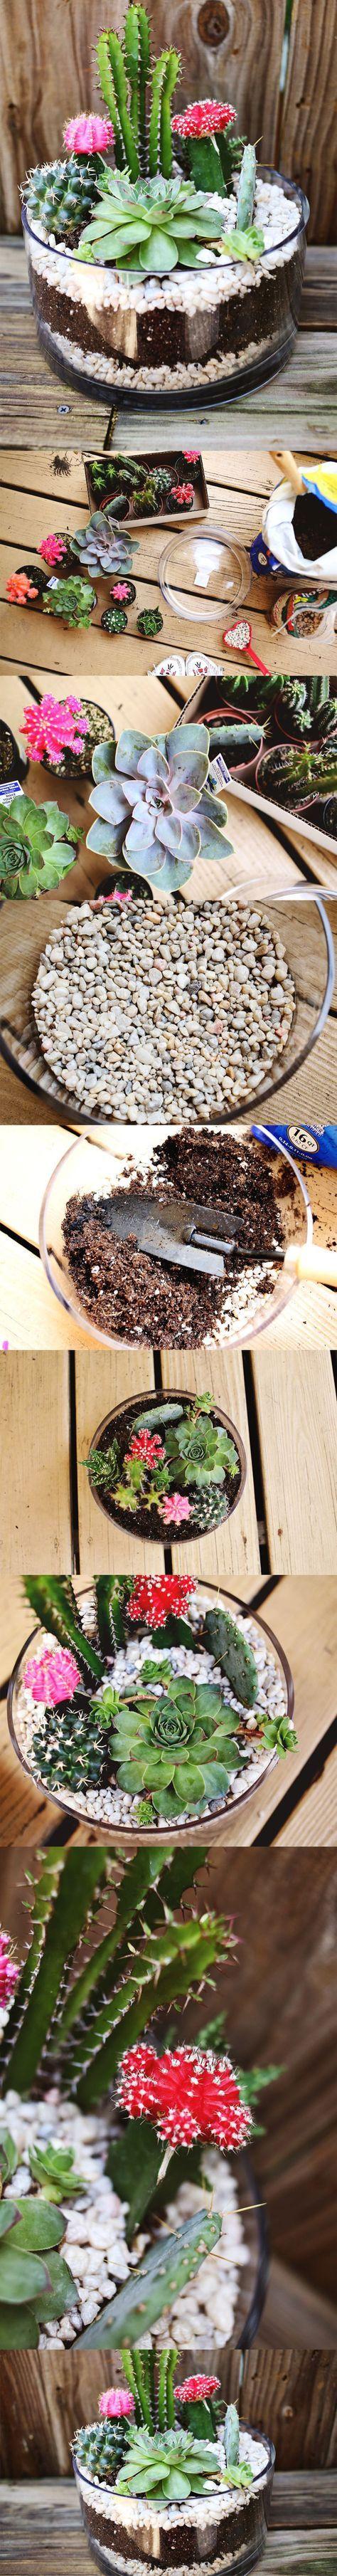 Pequeño jardín con cactus - not in English, but terrific picture tutorial.